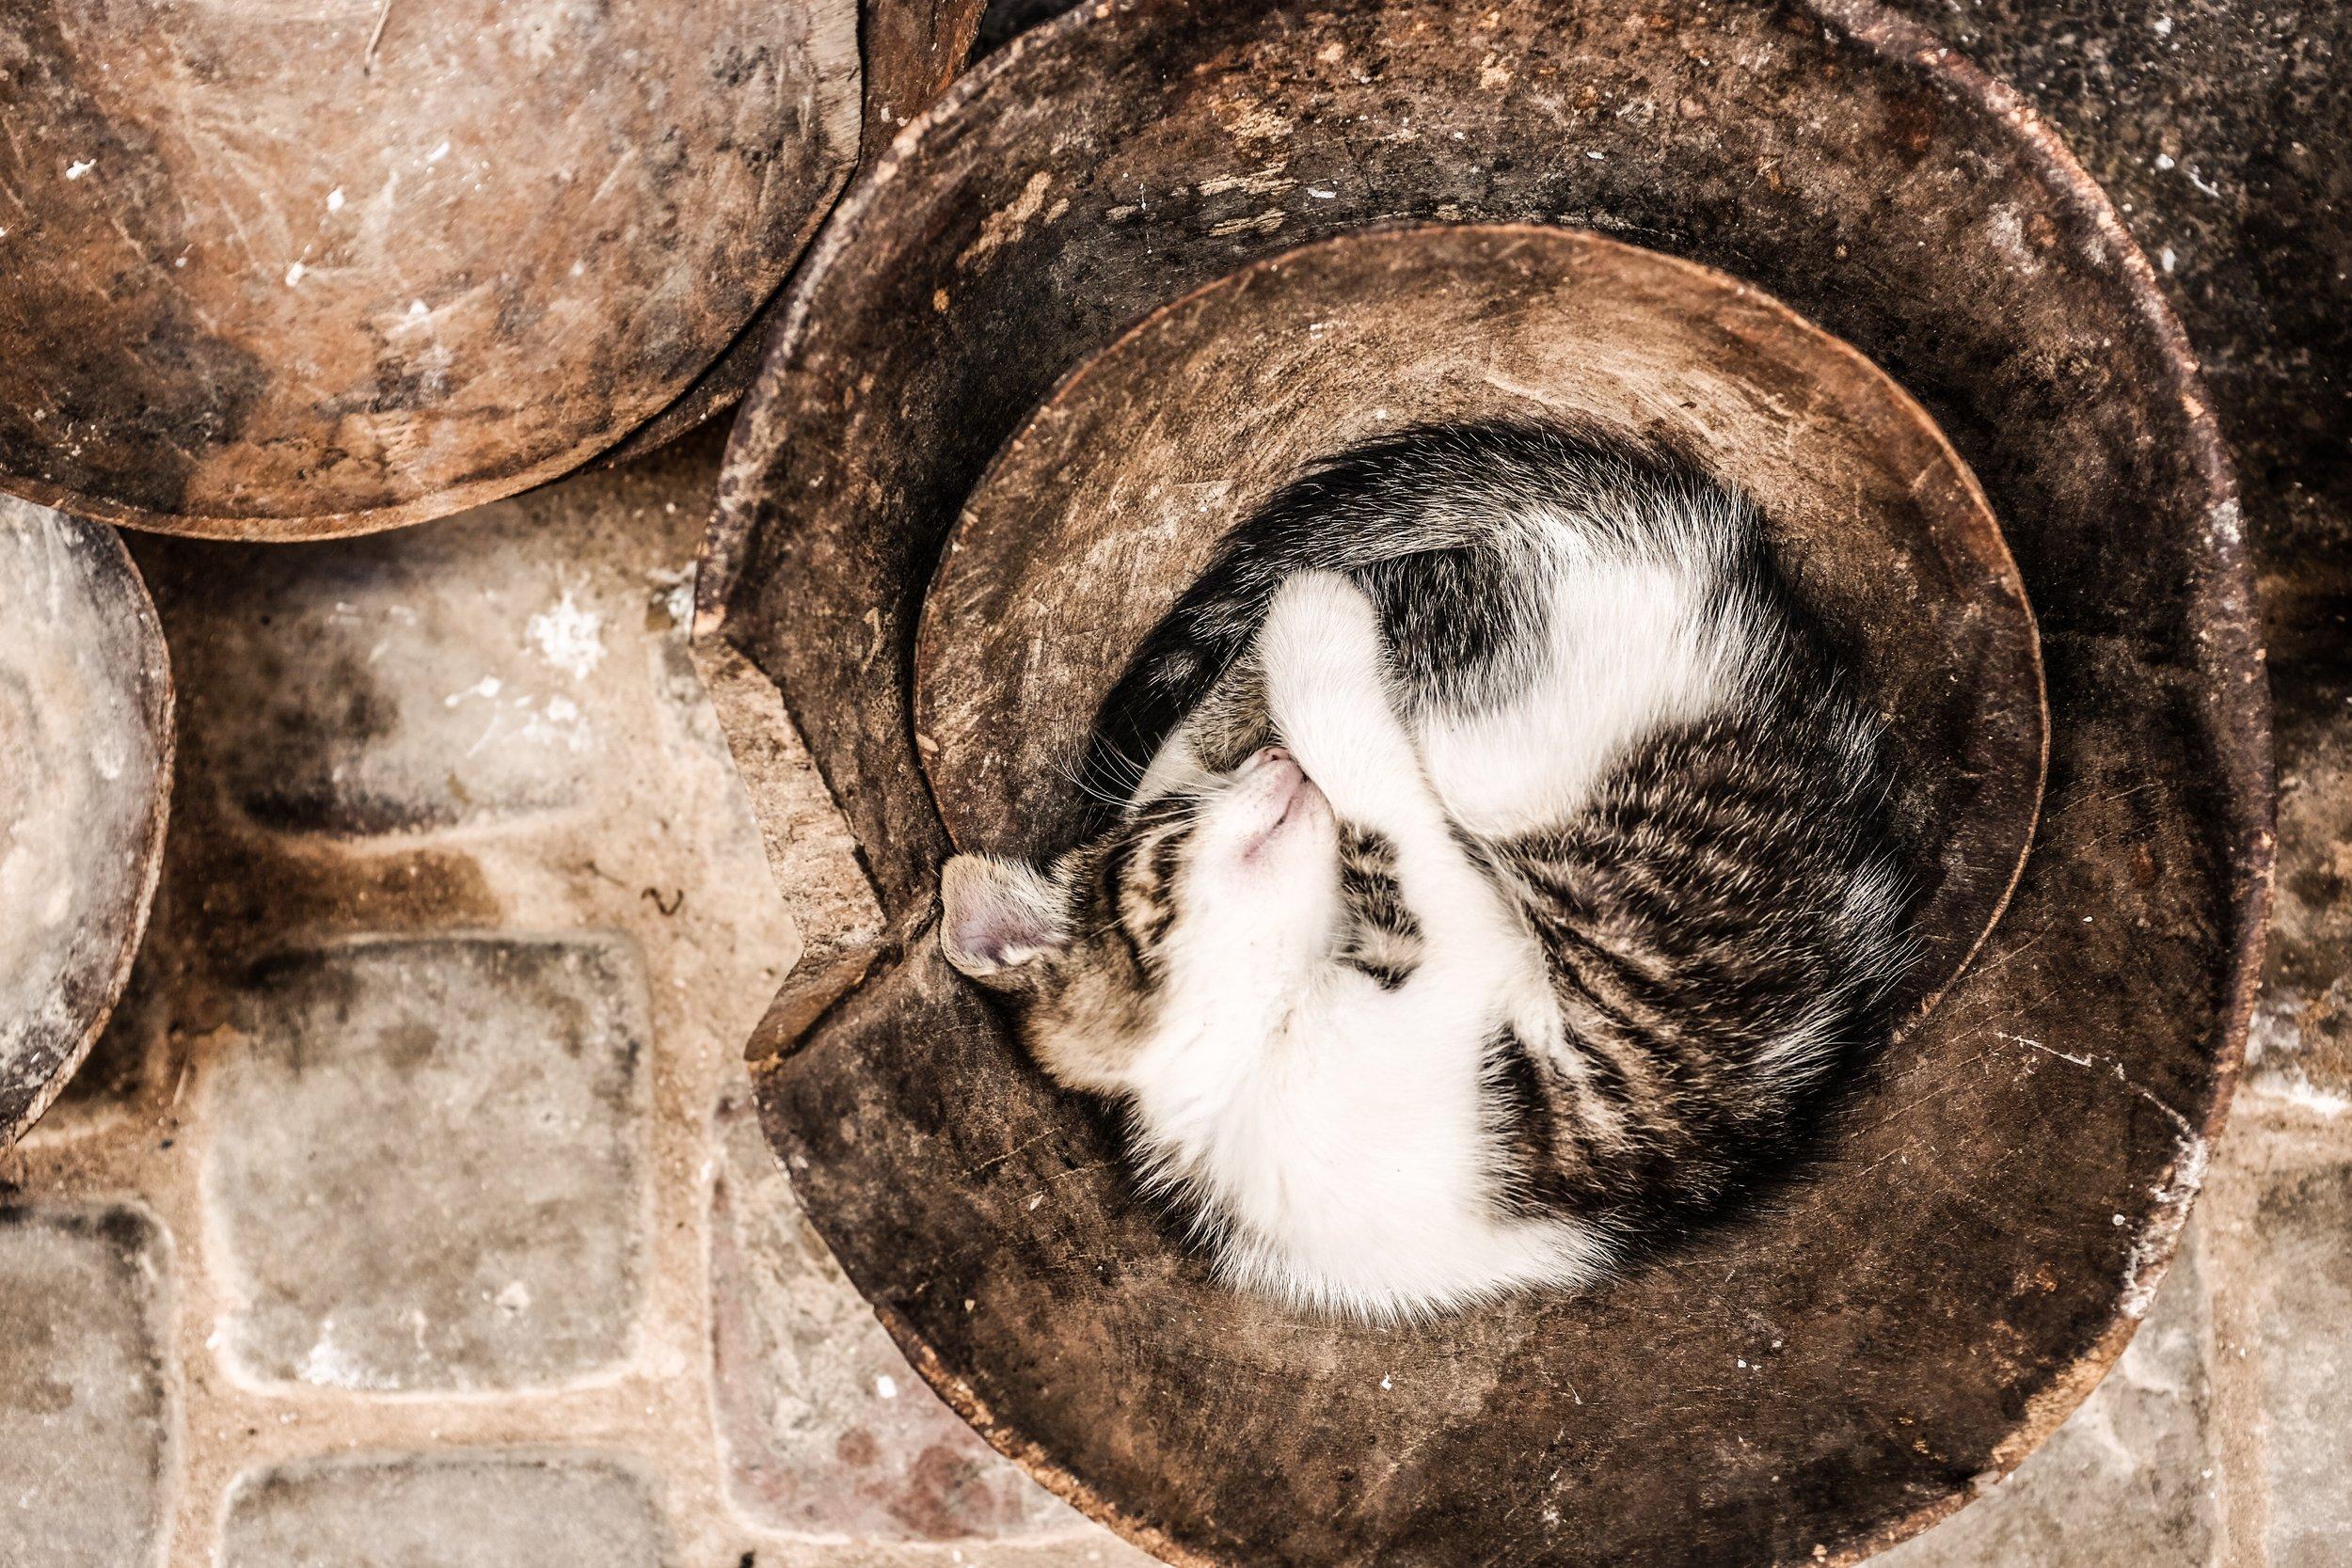 Sleepy Kitty #sleepingcat #sleepykitty #cutesleepingcat